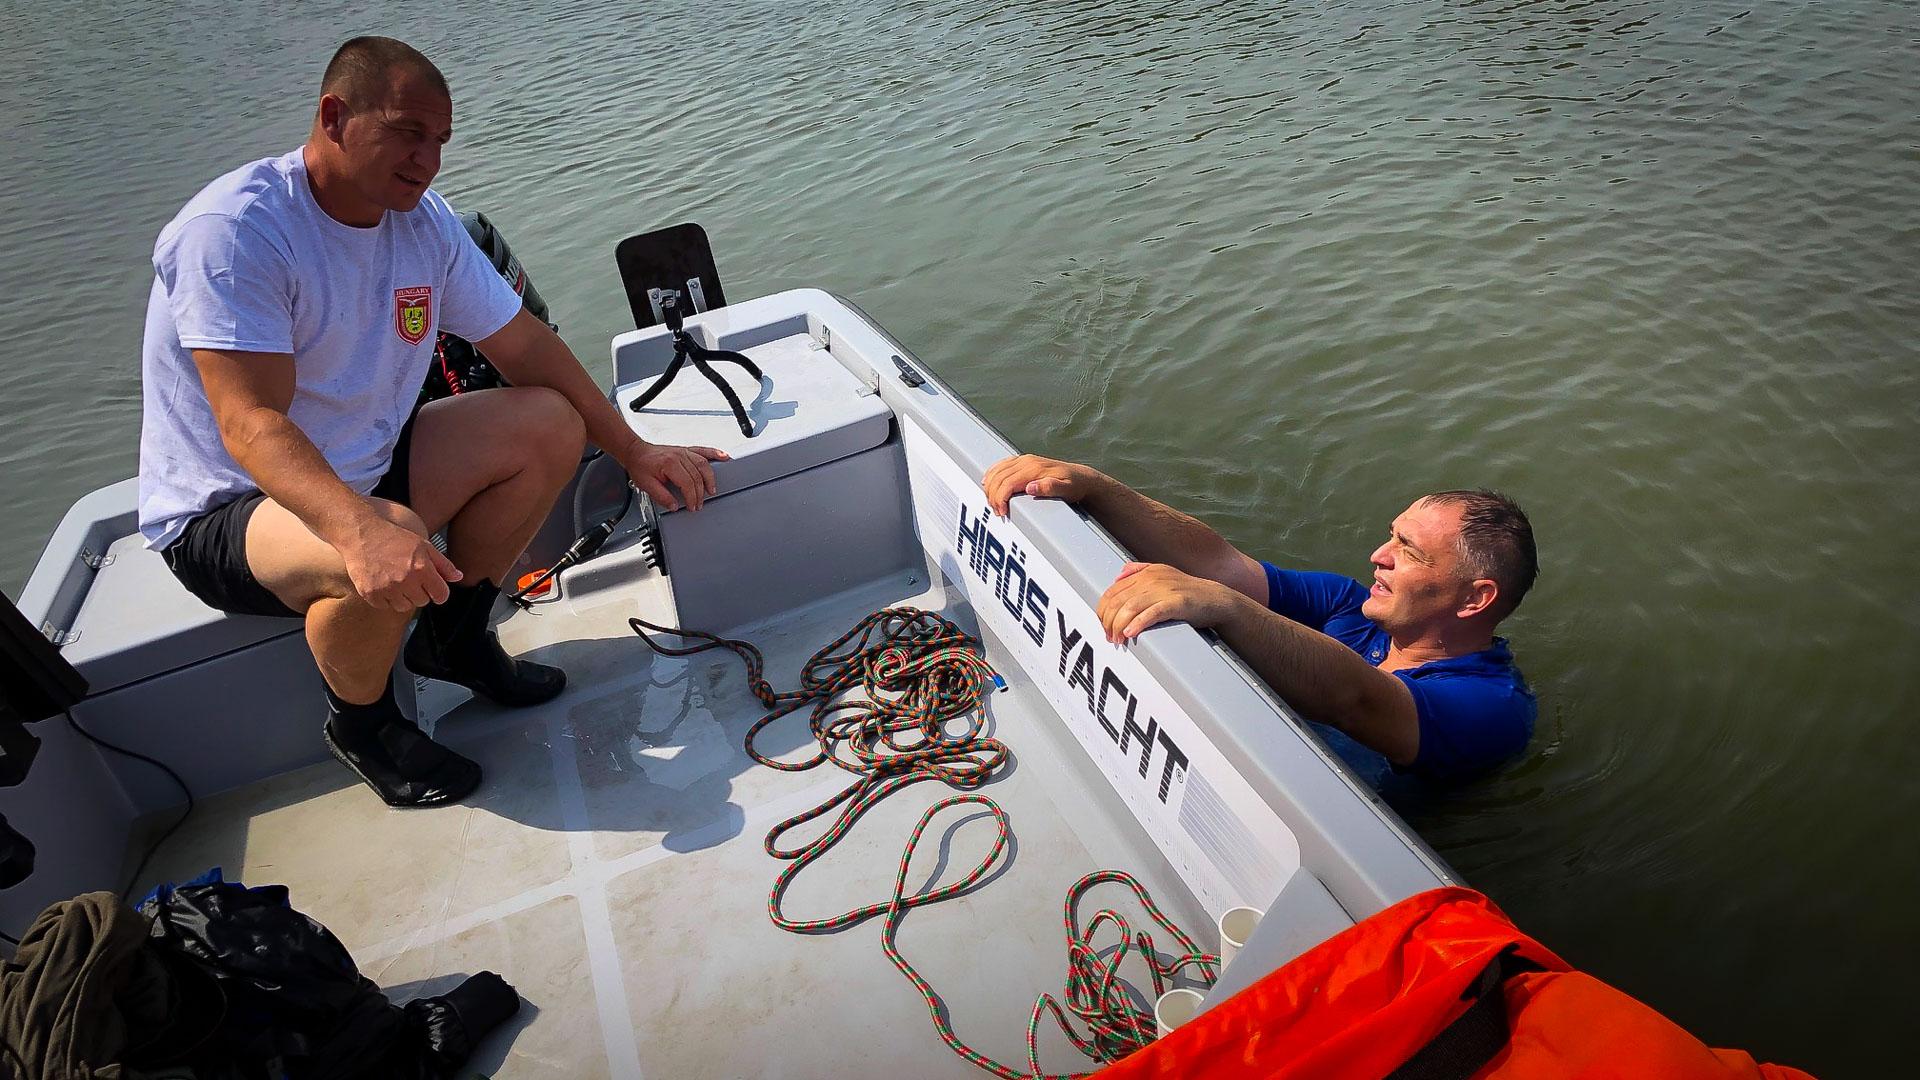 Ekkor mondták a mentő szakemberek, hogy ennyi idő alatt már kiértem volna biztonságosan a partra, de leöltözés közben a jéghideg vízben már kihűltem volna